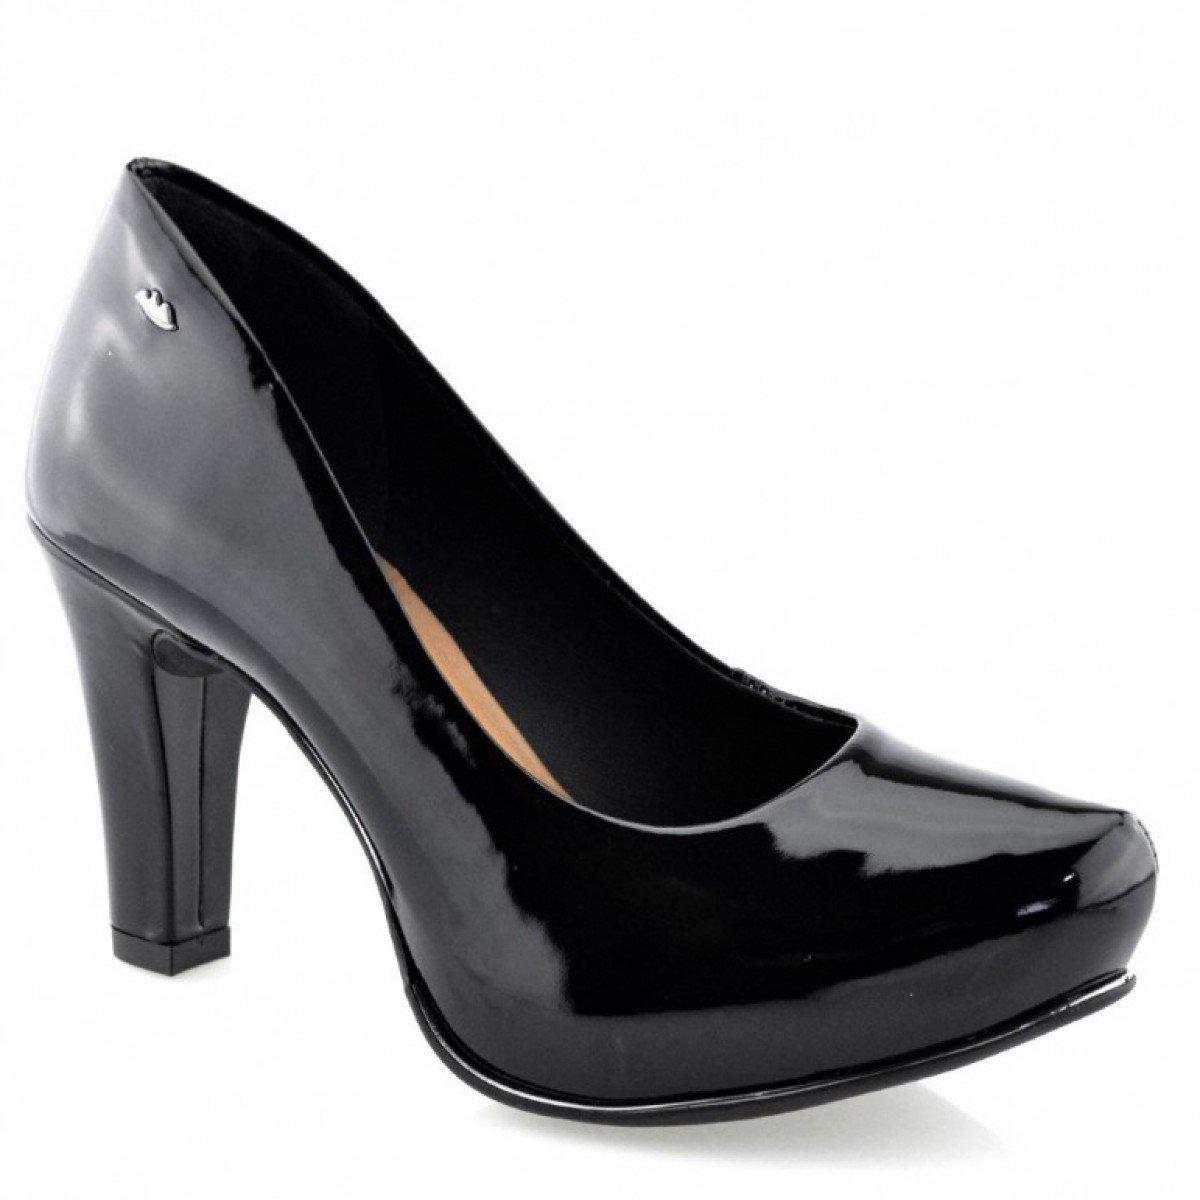 b697c3ee9d Sapato Feminino Dakota Verniz Fontana Preto - Compre Agora